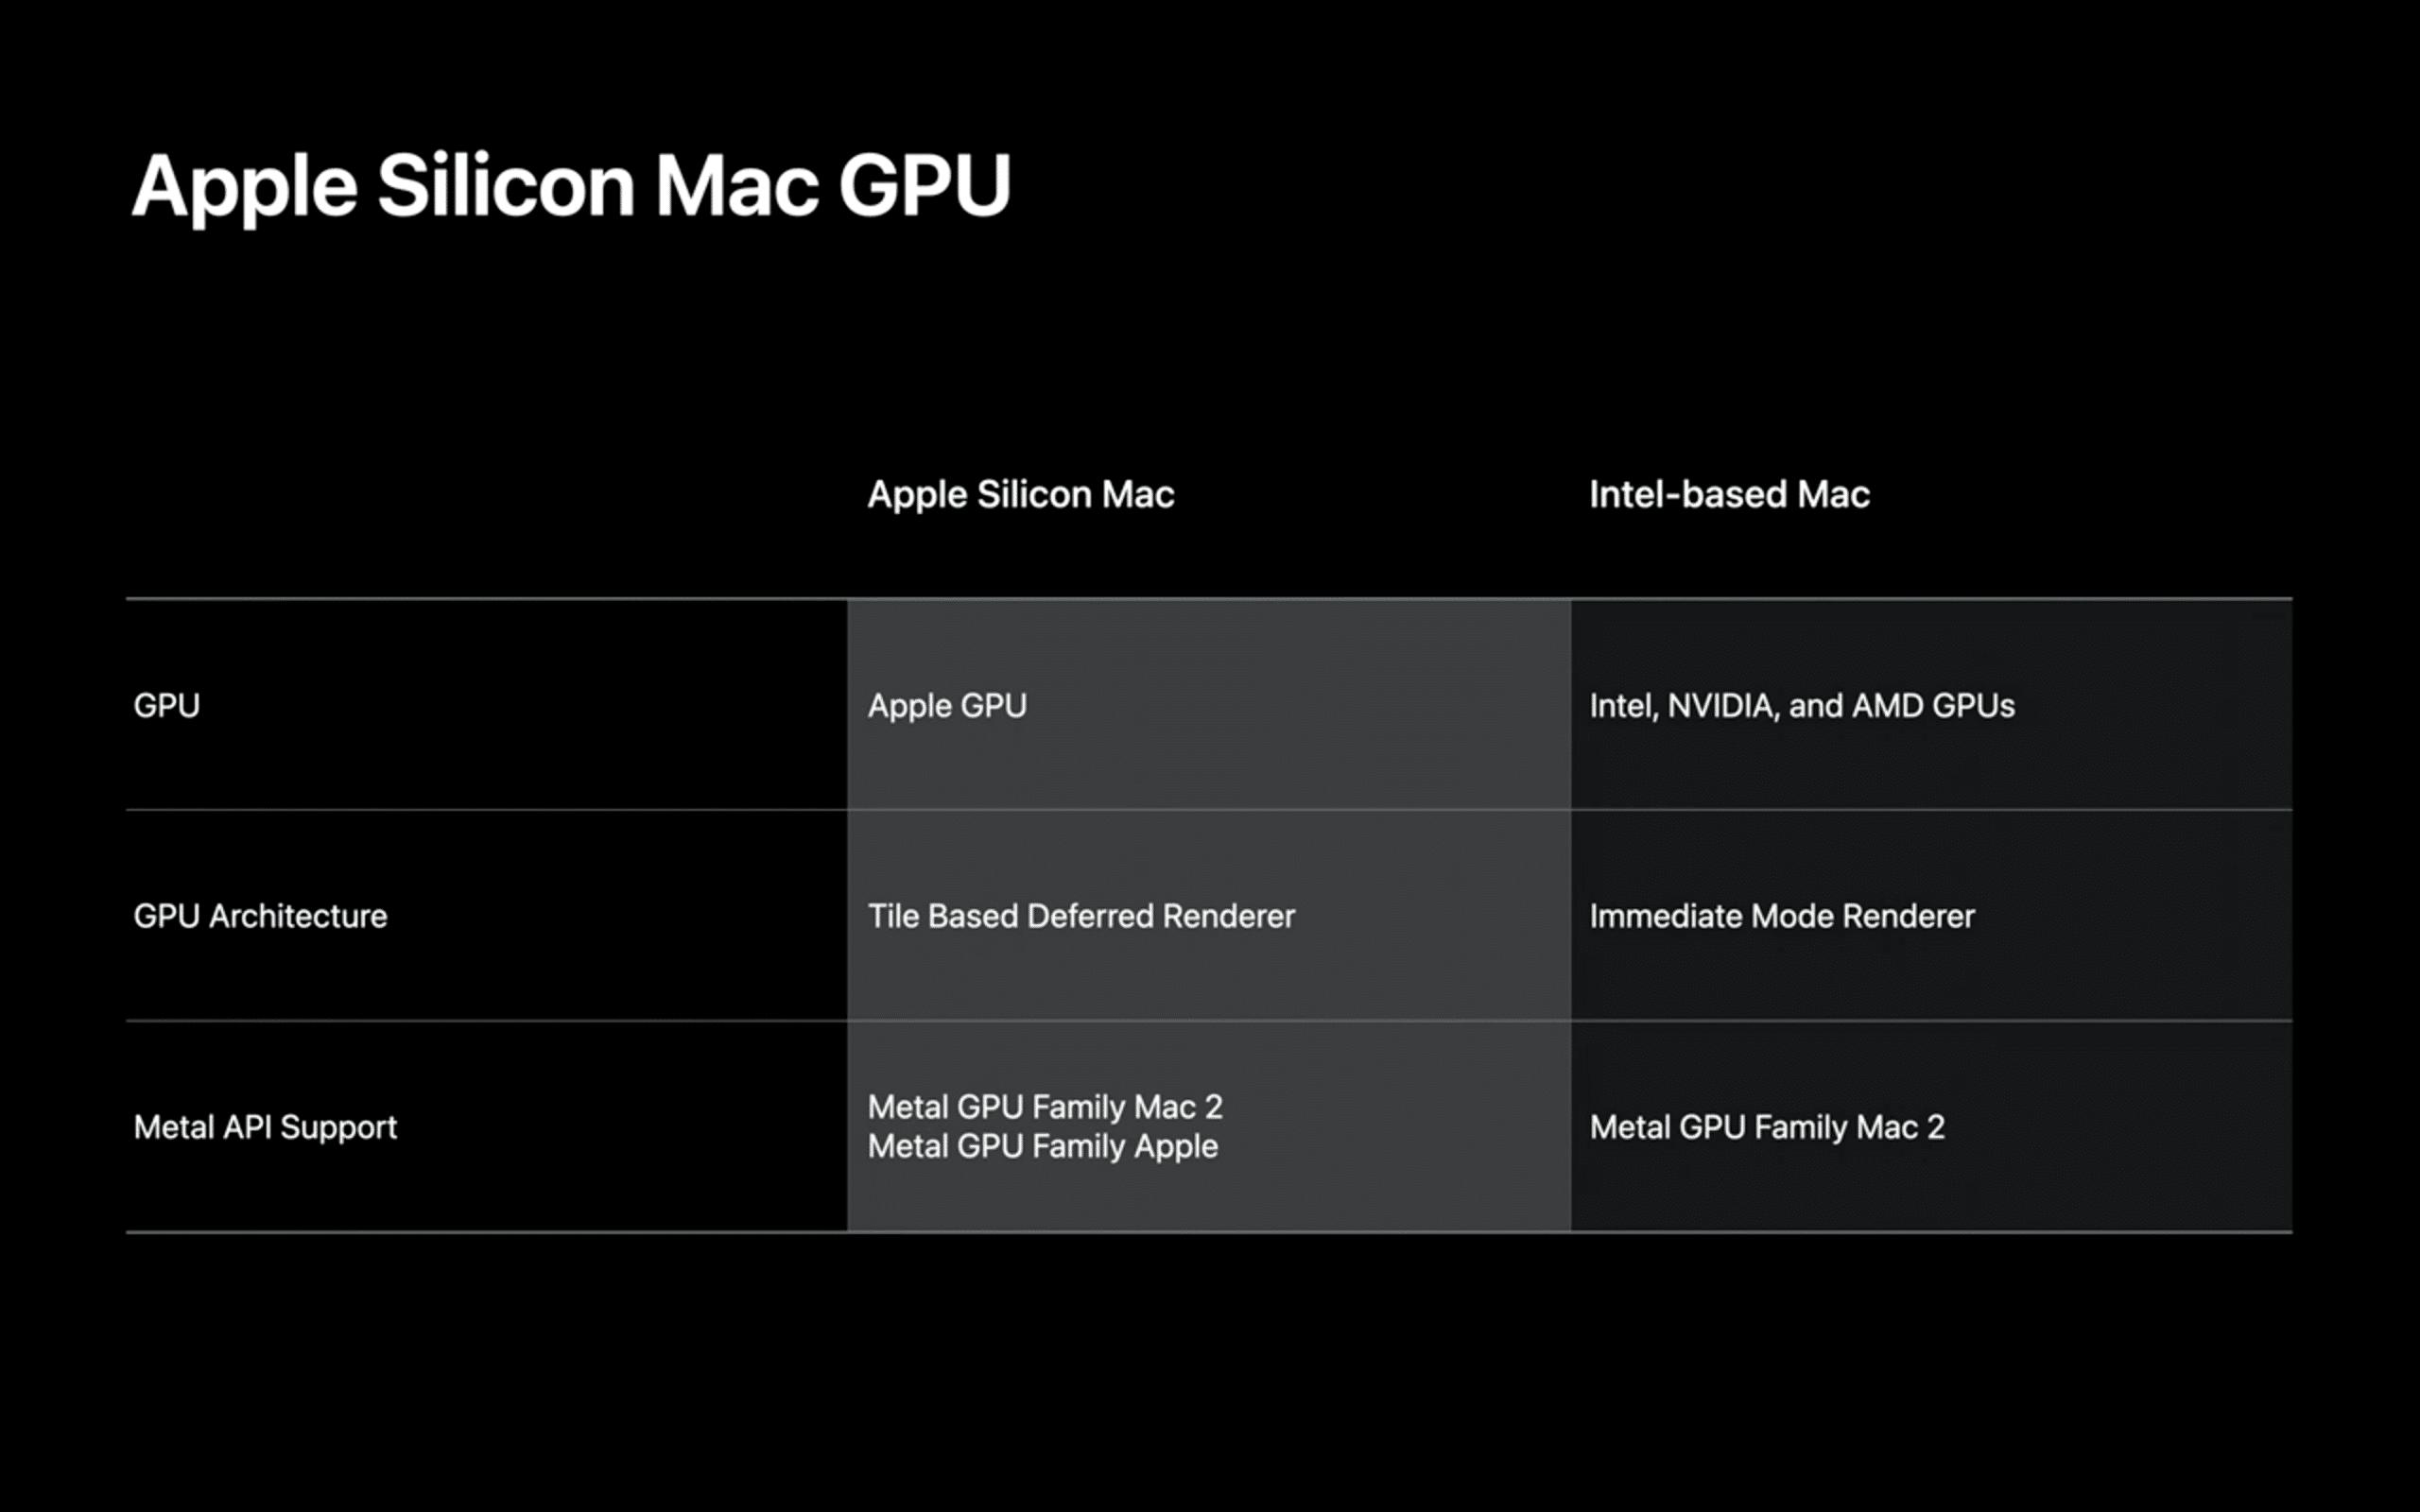 Tabela sobre GPUs compatíveis com os Macs Apple Silicon